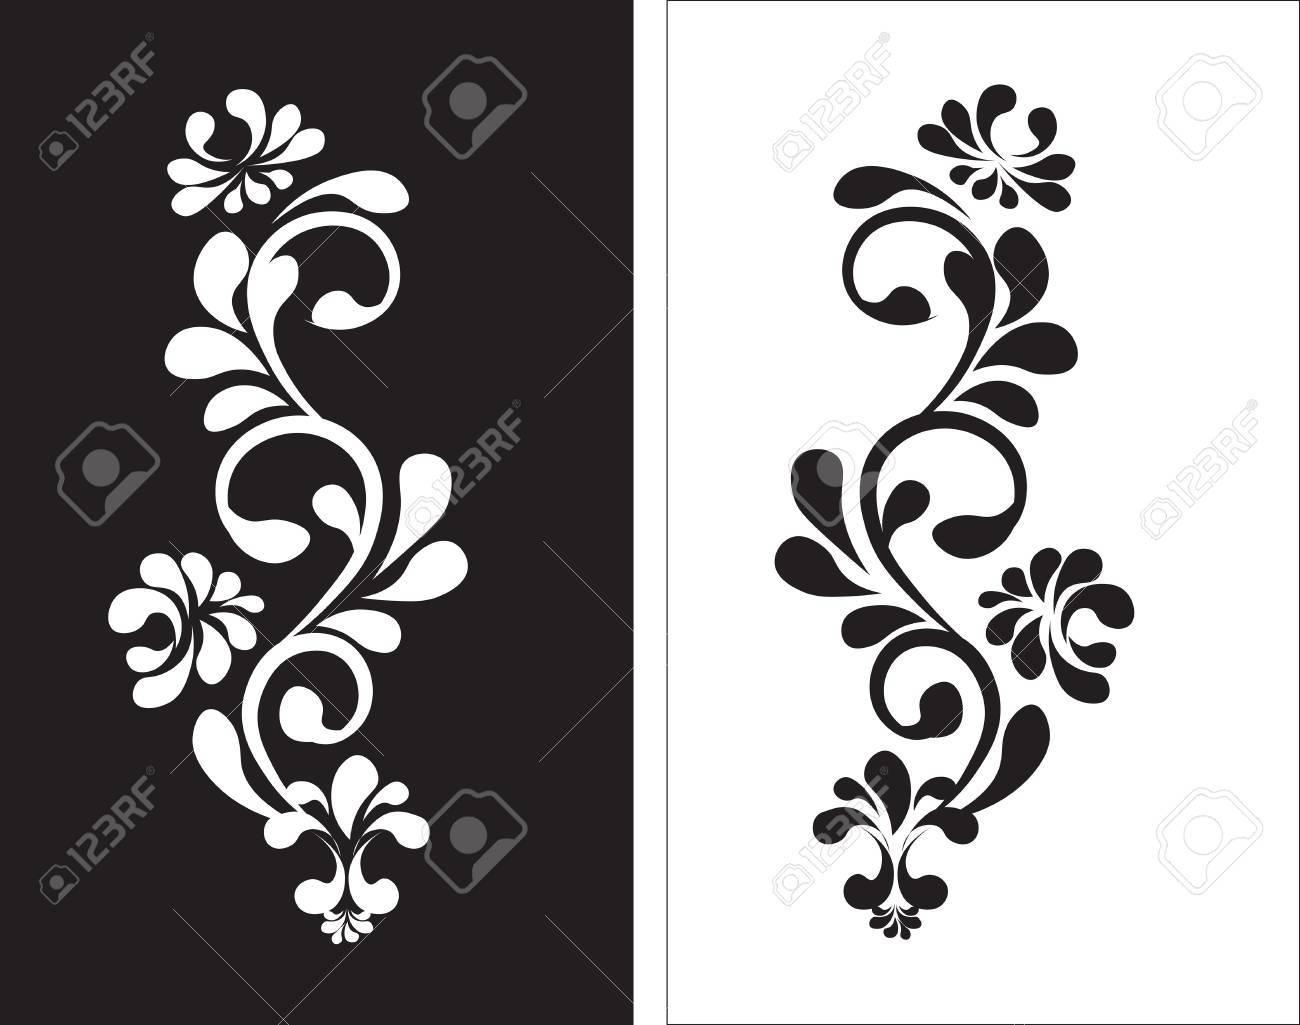 Hermoso Patron De Flores Vintage Blanco Sobre Fondo Negro Dibujos